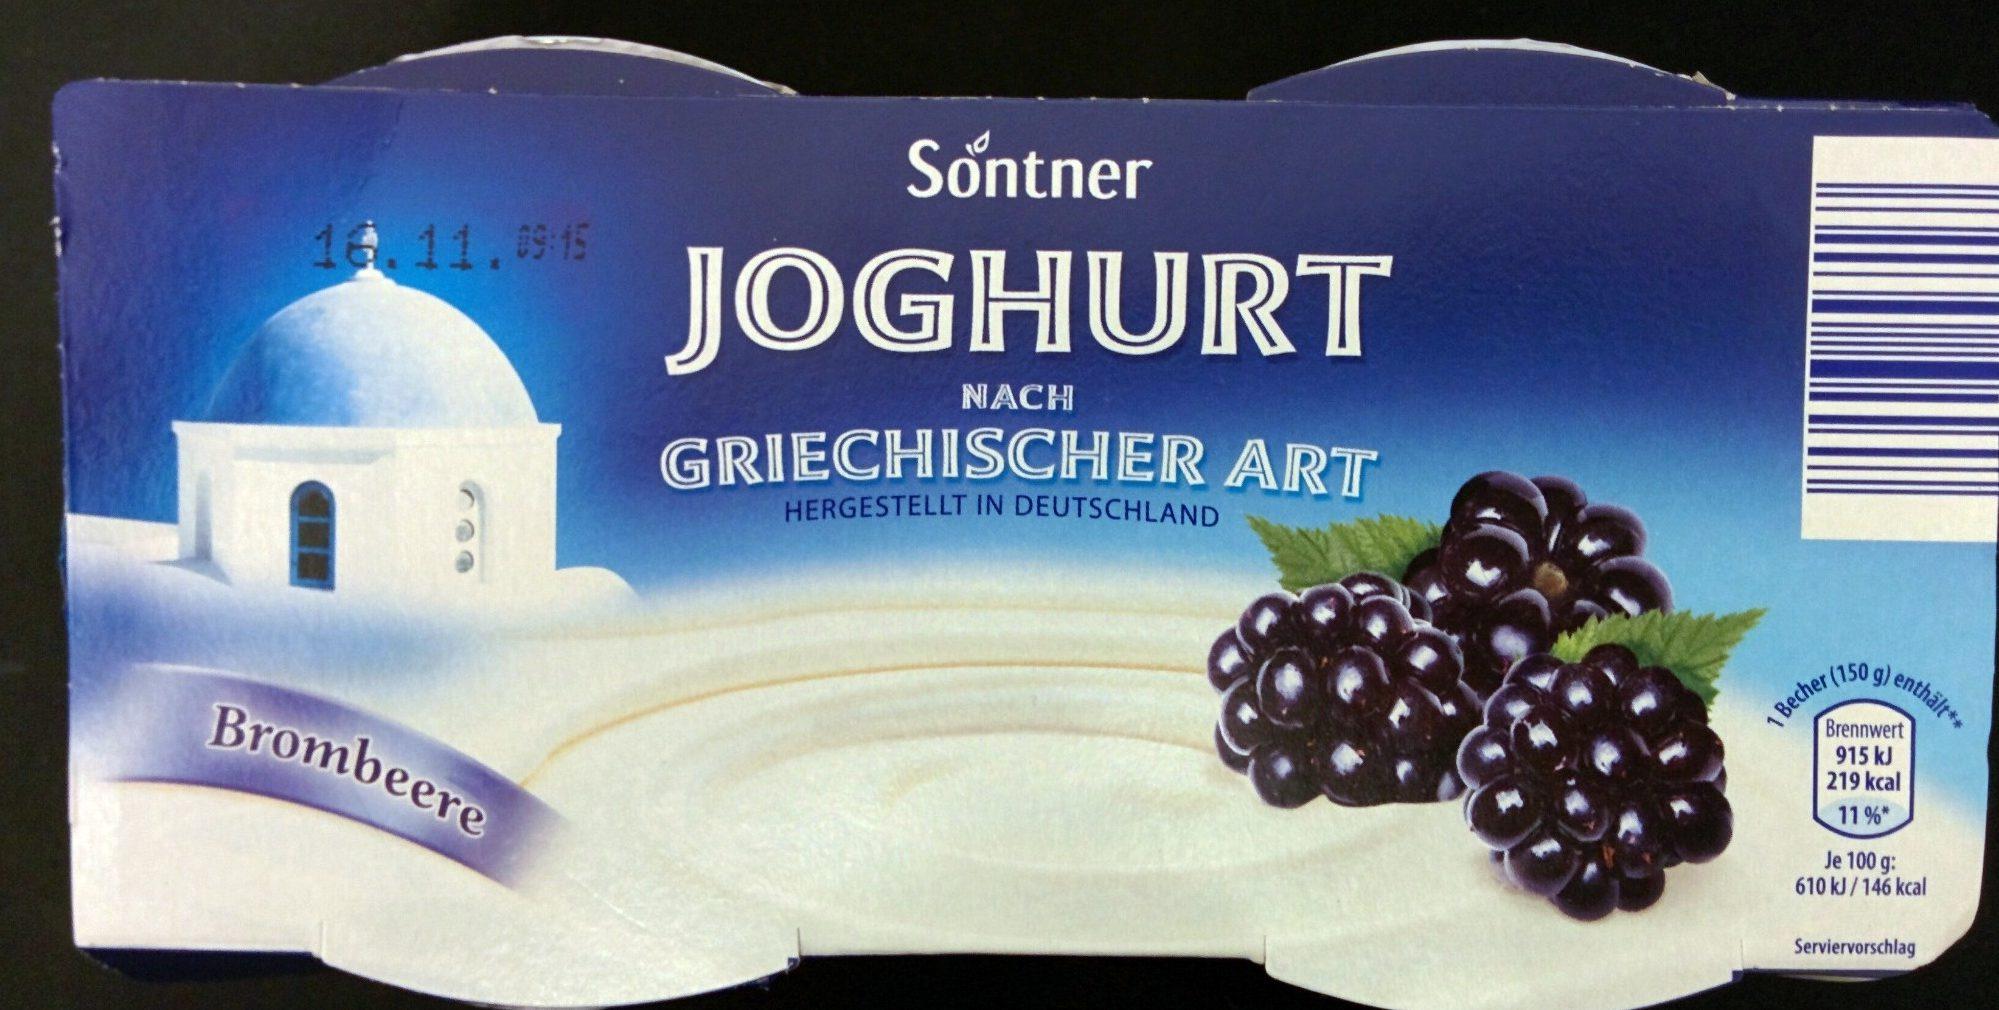 Joghurt nach Griechischer Art Brombeere - Produkt - de